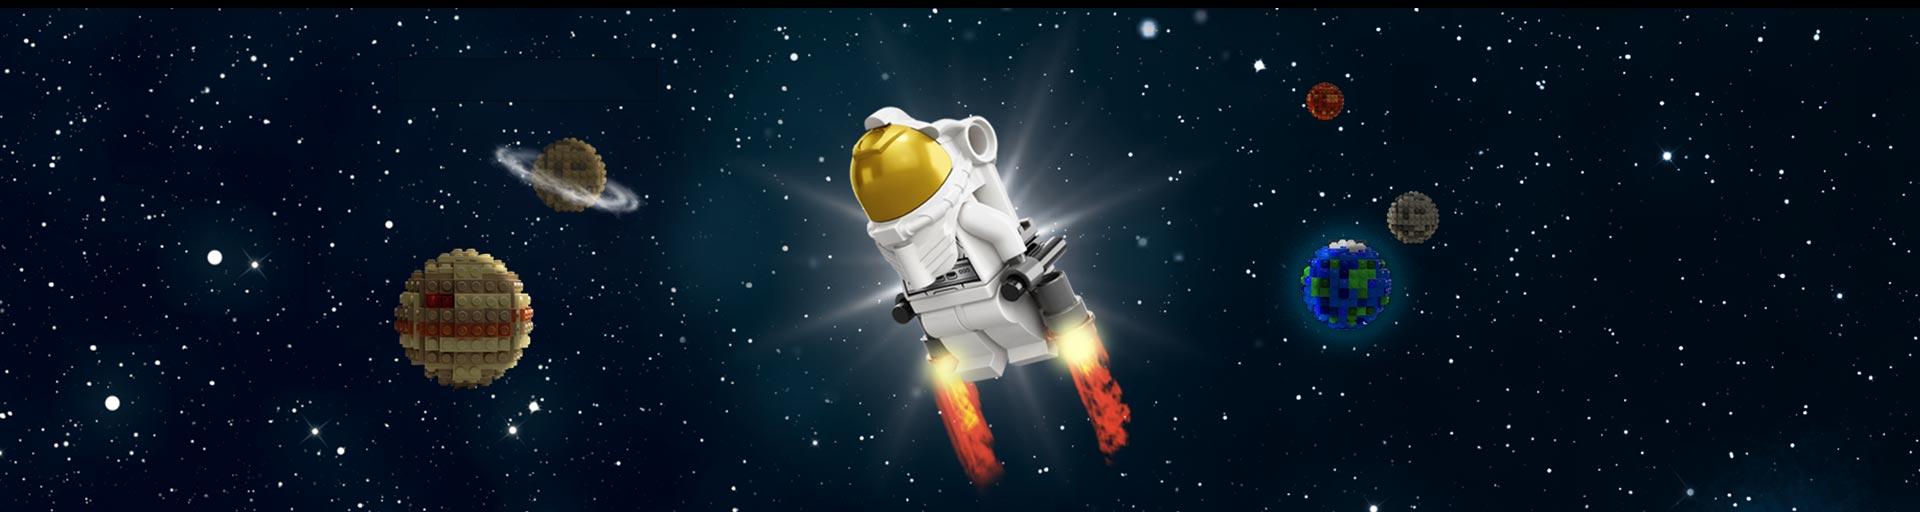 ¿Nos vamos de misión al espacio? ¿Nos vamos a aprender robótica?